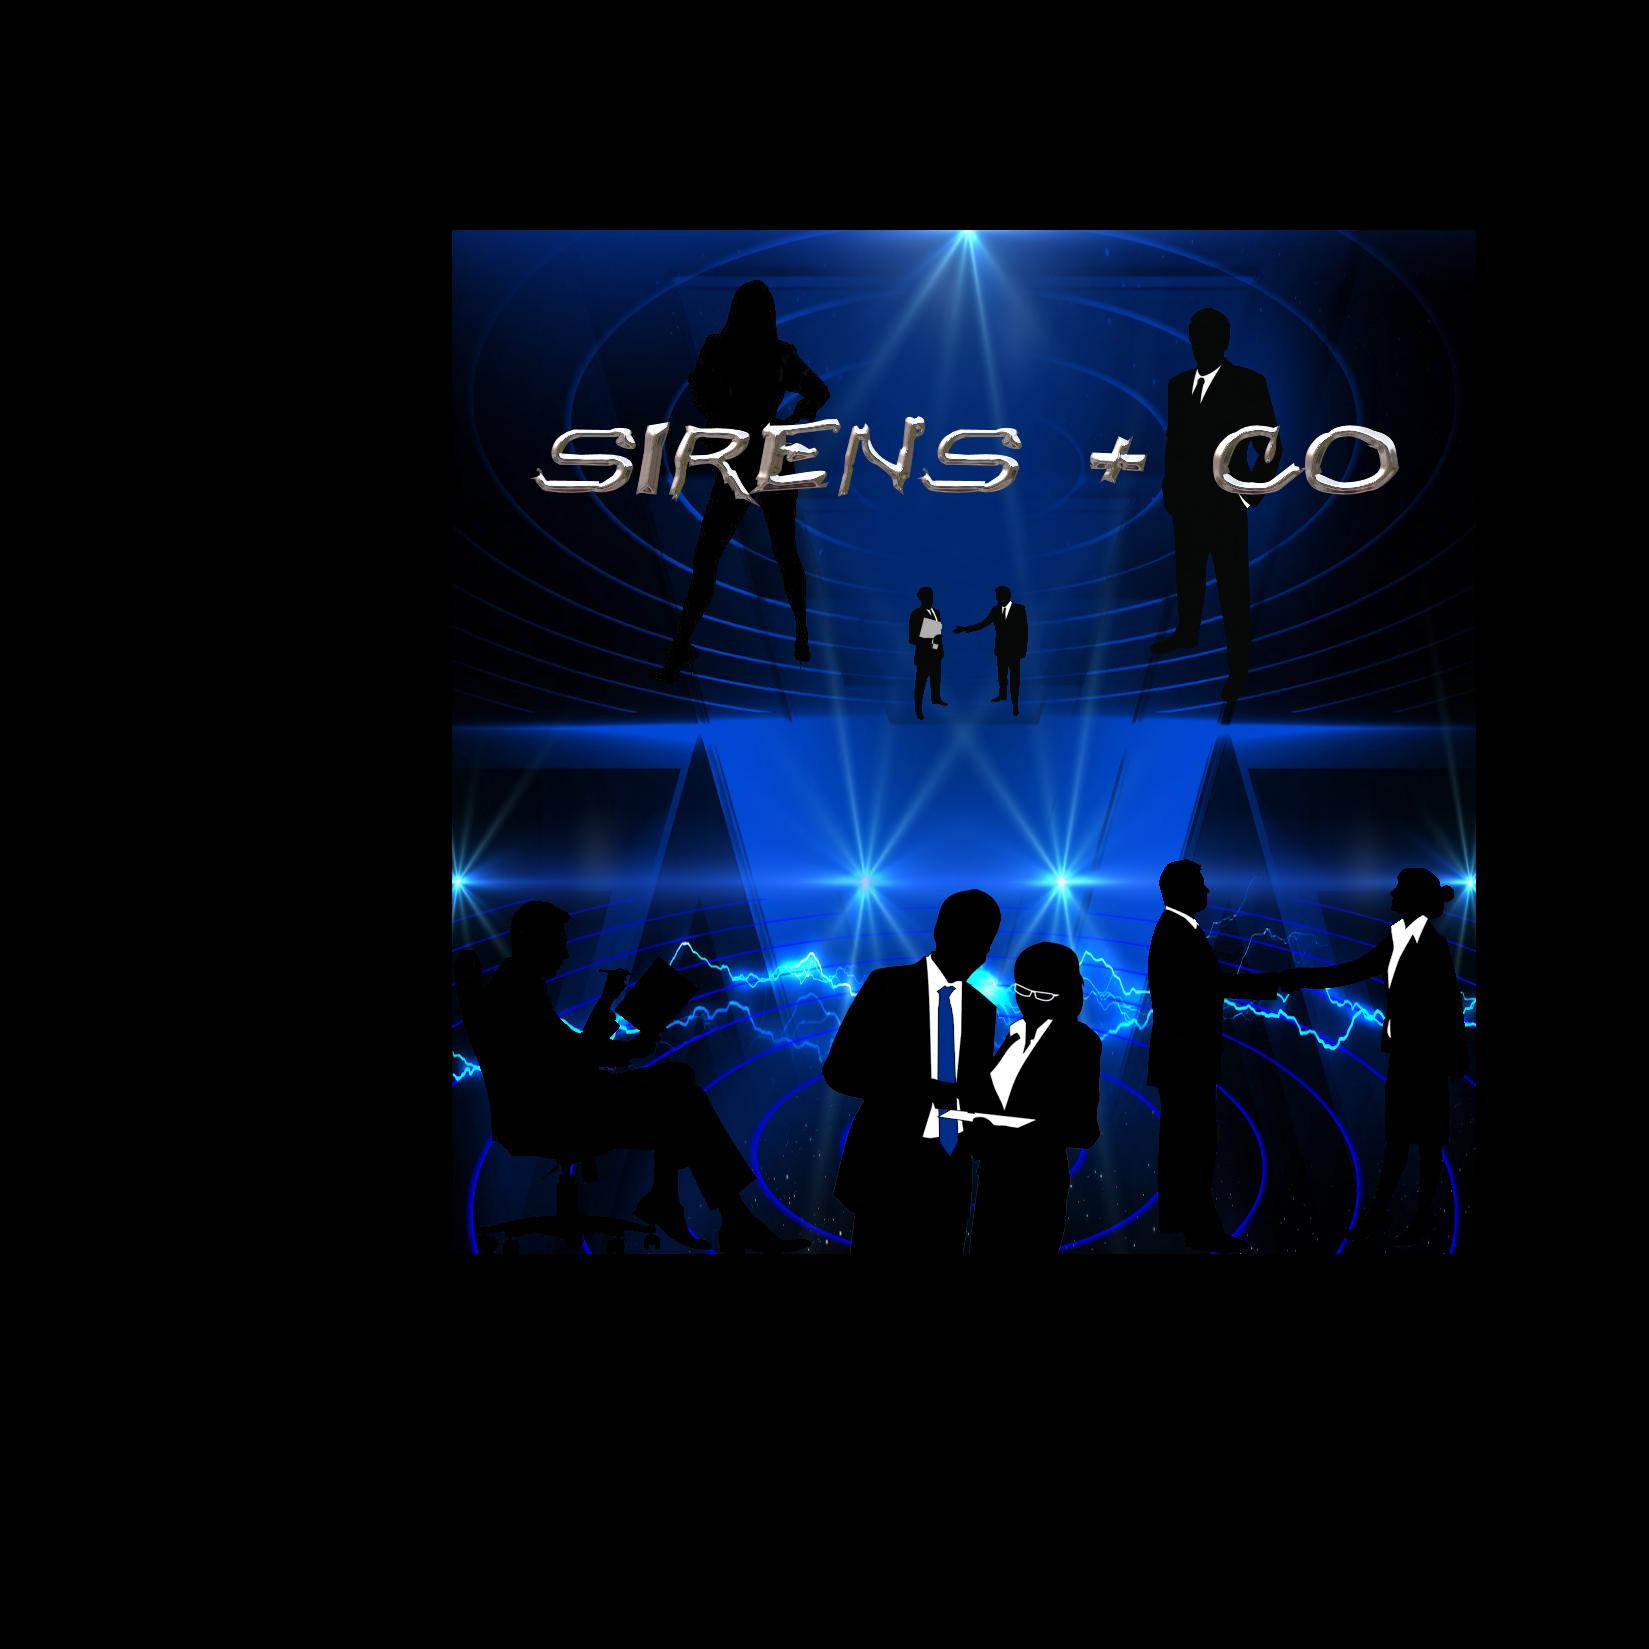 siren's & co